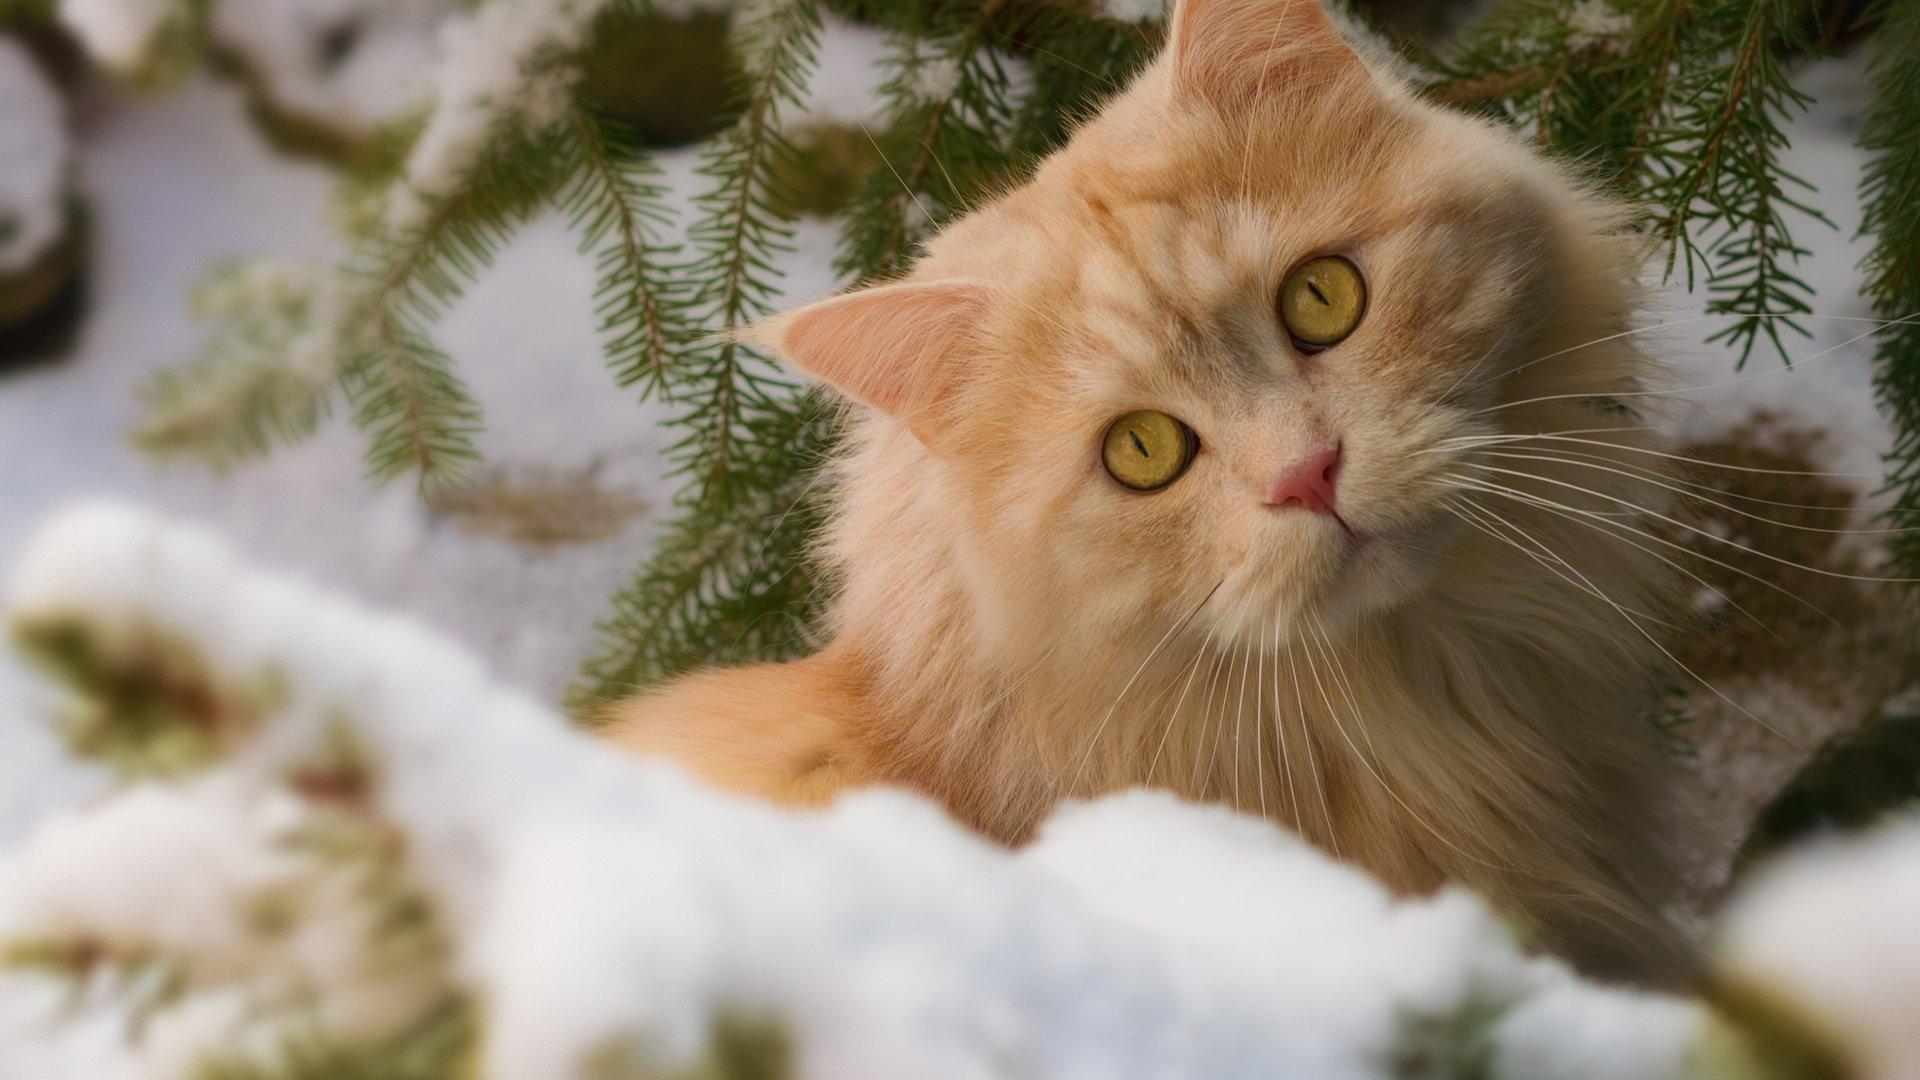 того, что котики зимой фото невозможно представить без